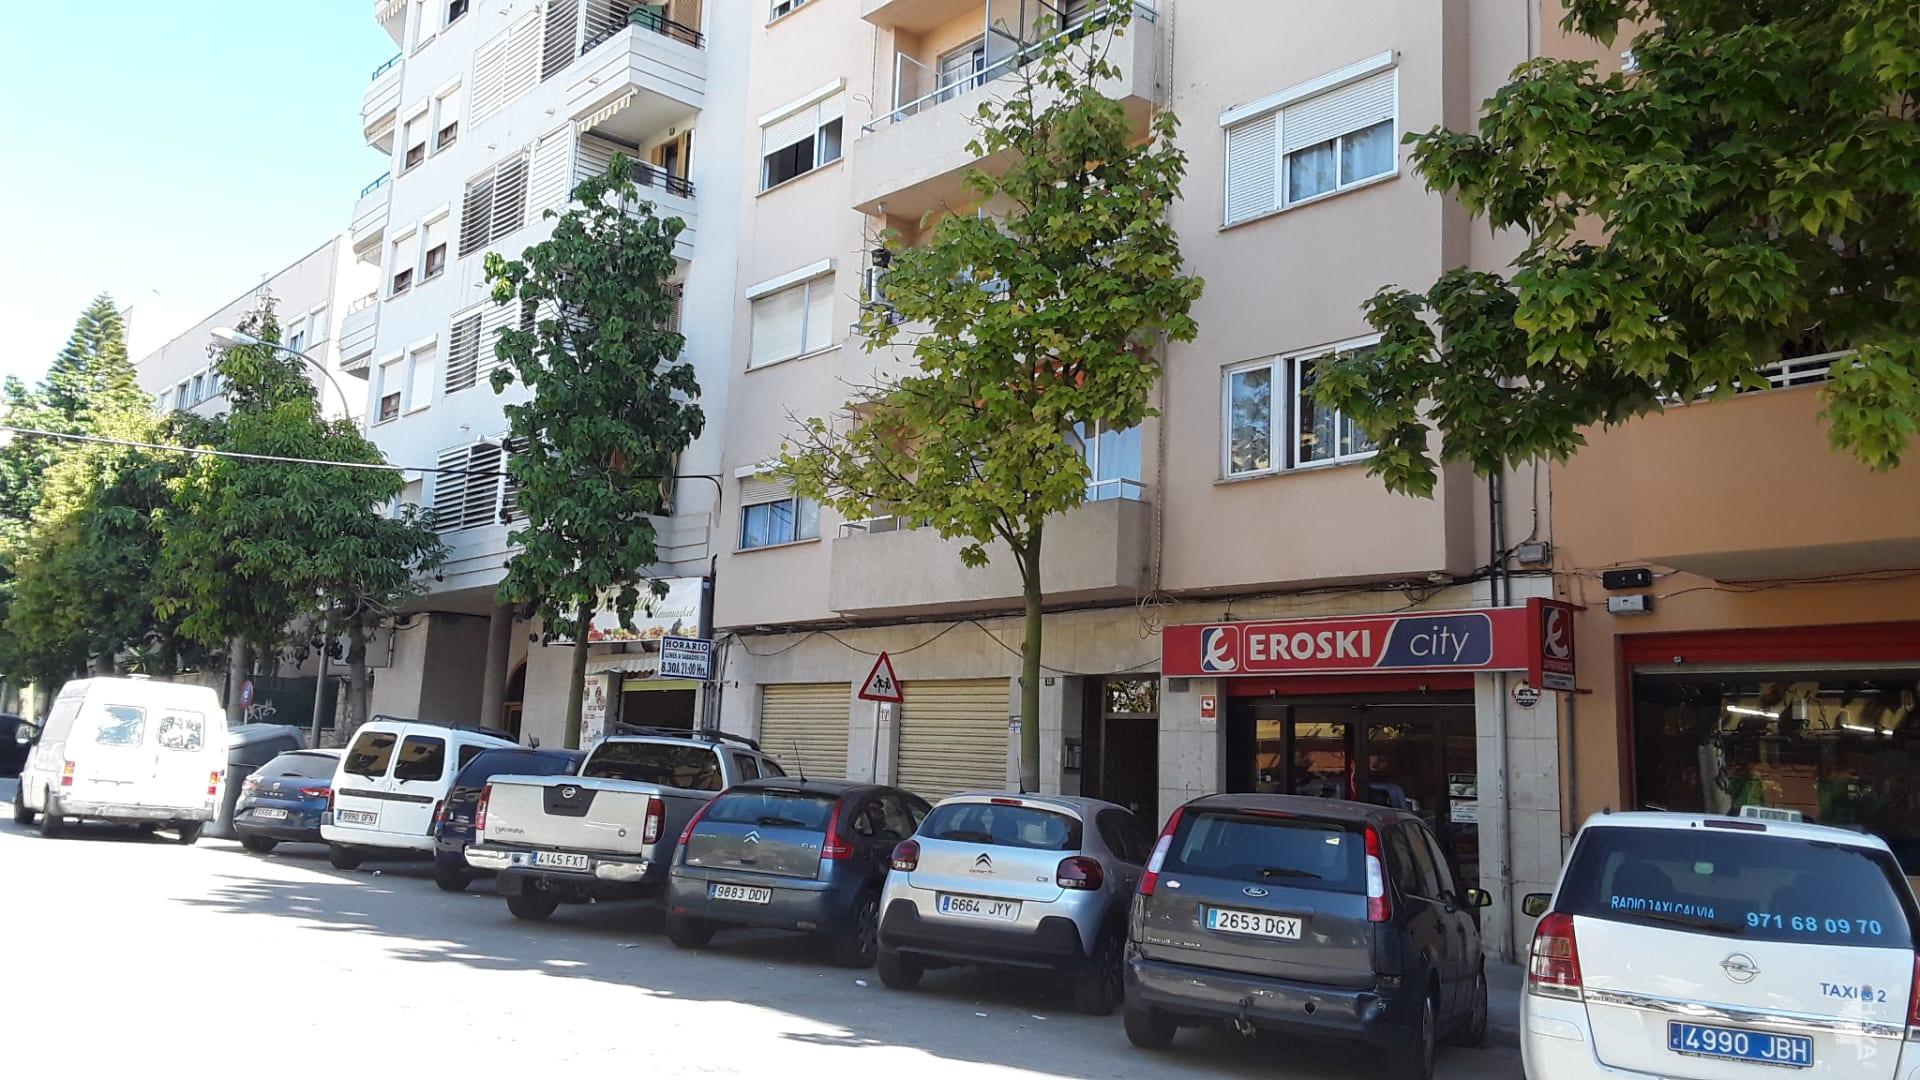 Piso en venta en Corea, Palma de Mallorca, Baleares, Calle Colliure, 145.241 €, 3 habitaciones, 1 baño, 88 m2